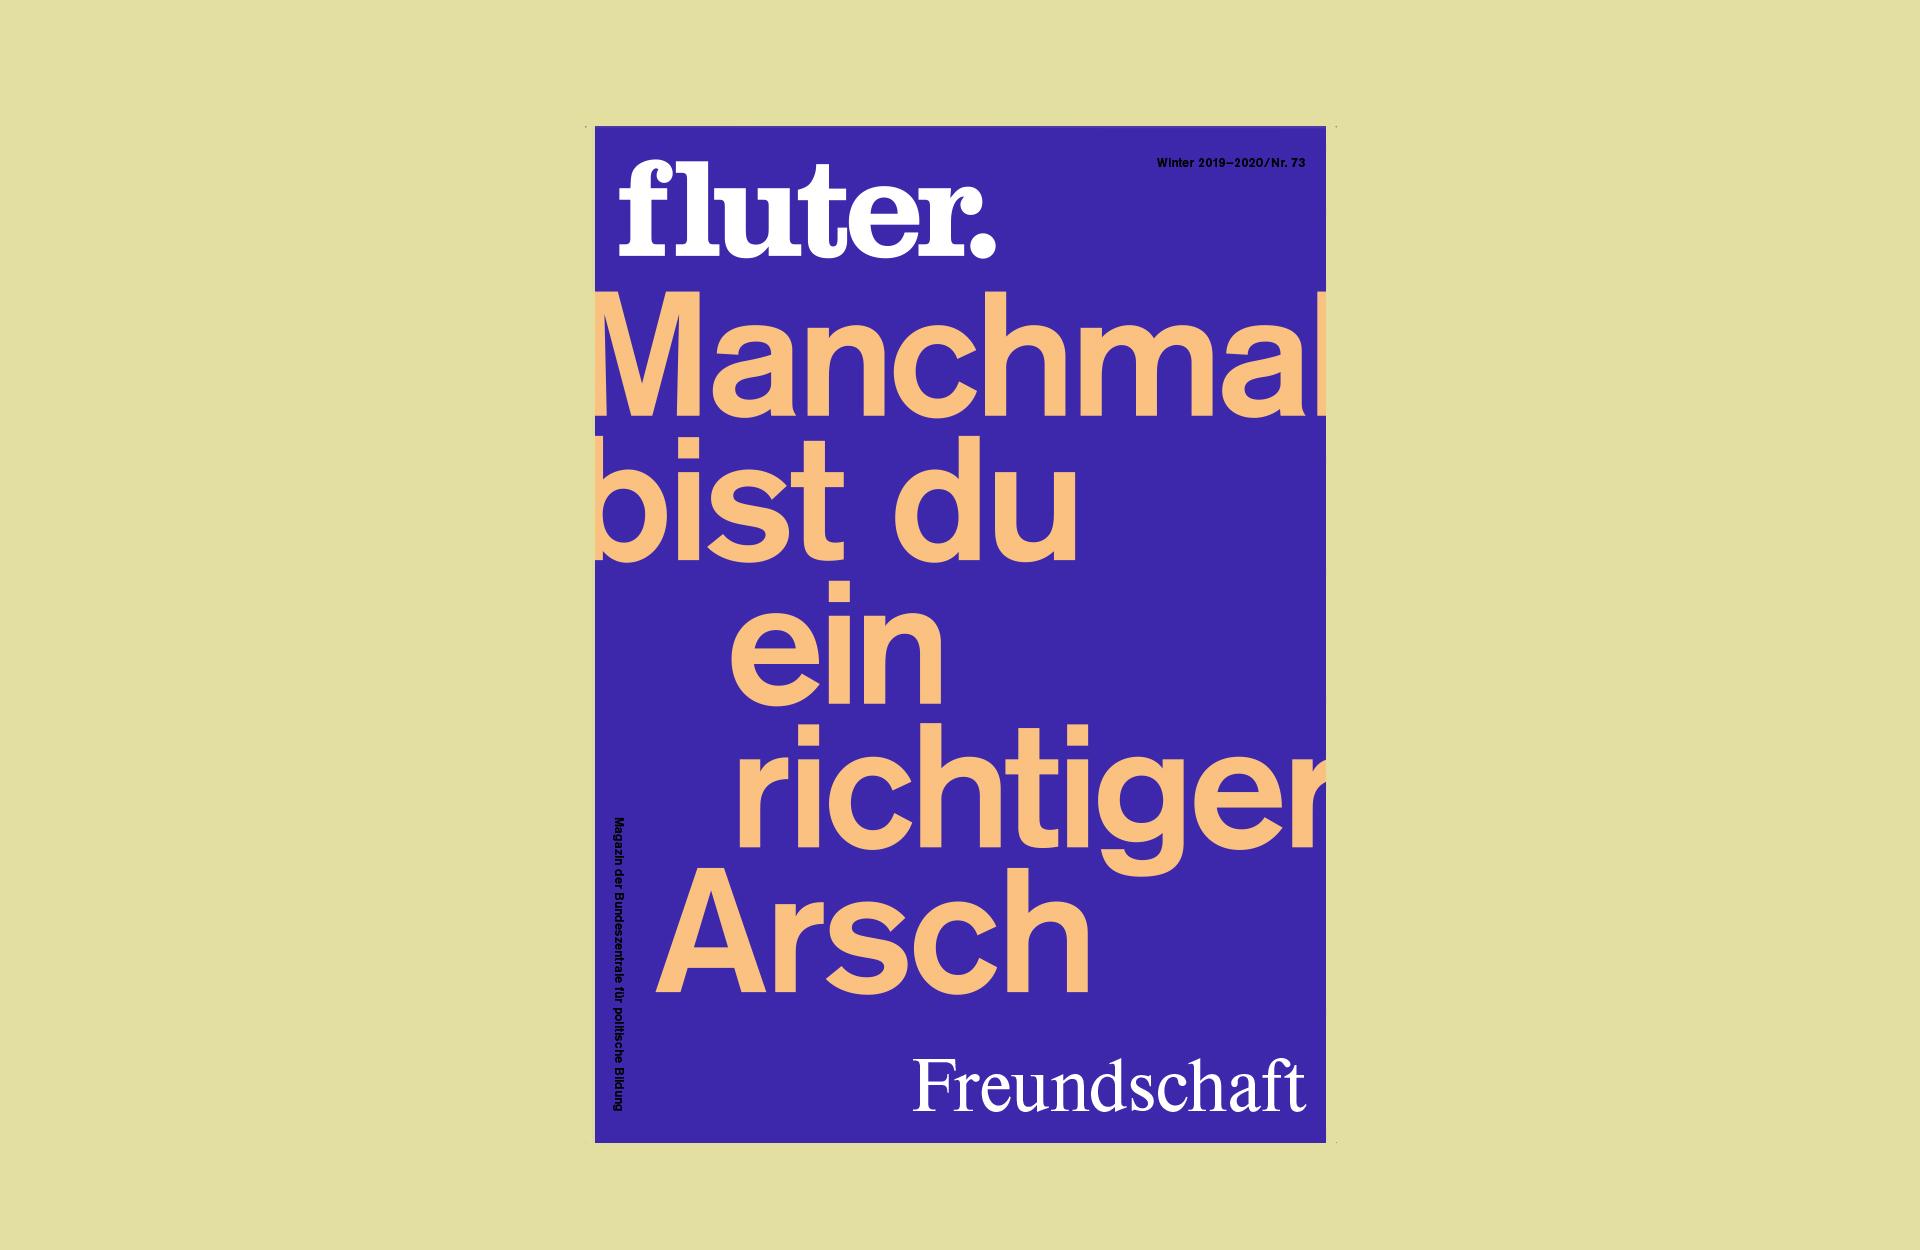 fluter_73_freundschaft